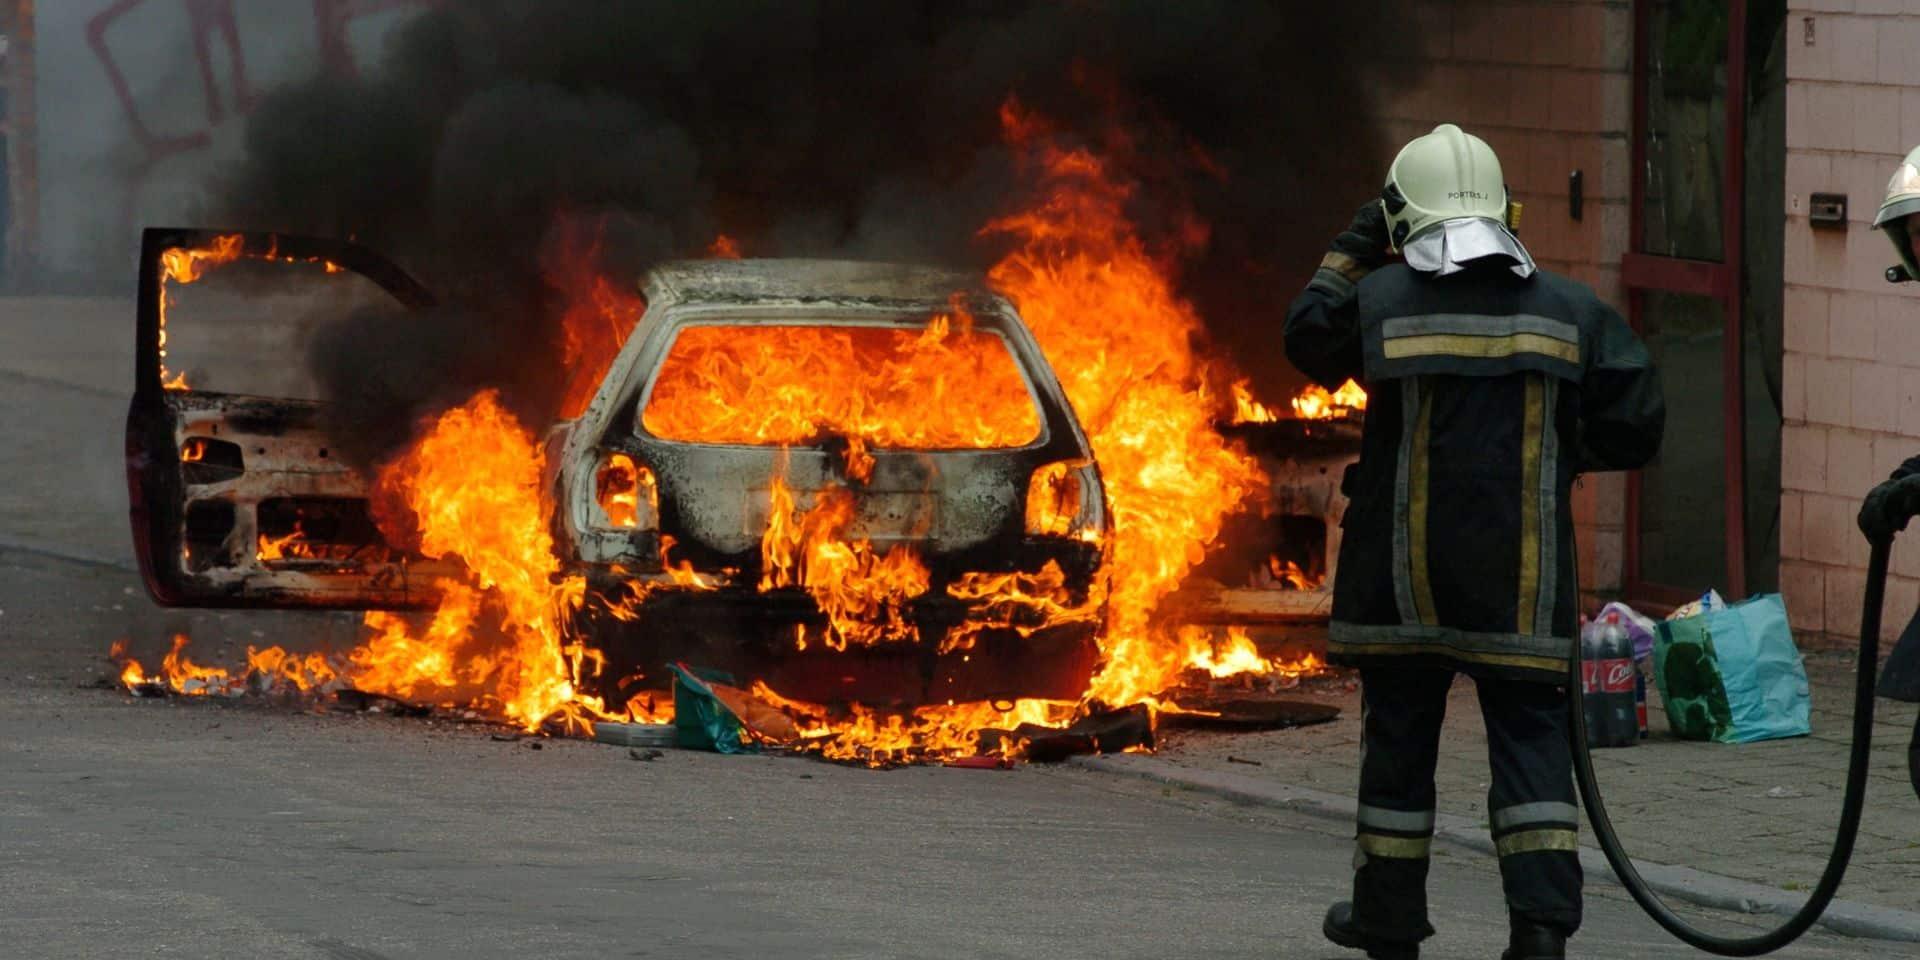 Épidémie d'incendies de voitures à Braine-l'Alleud